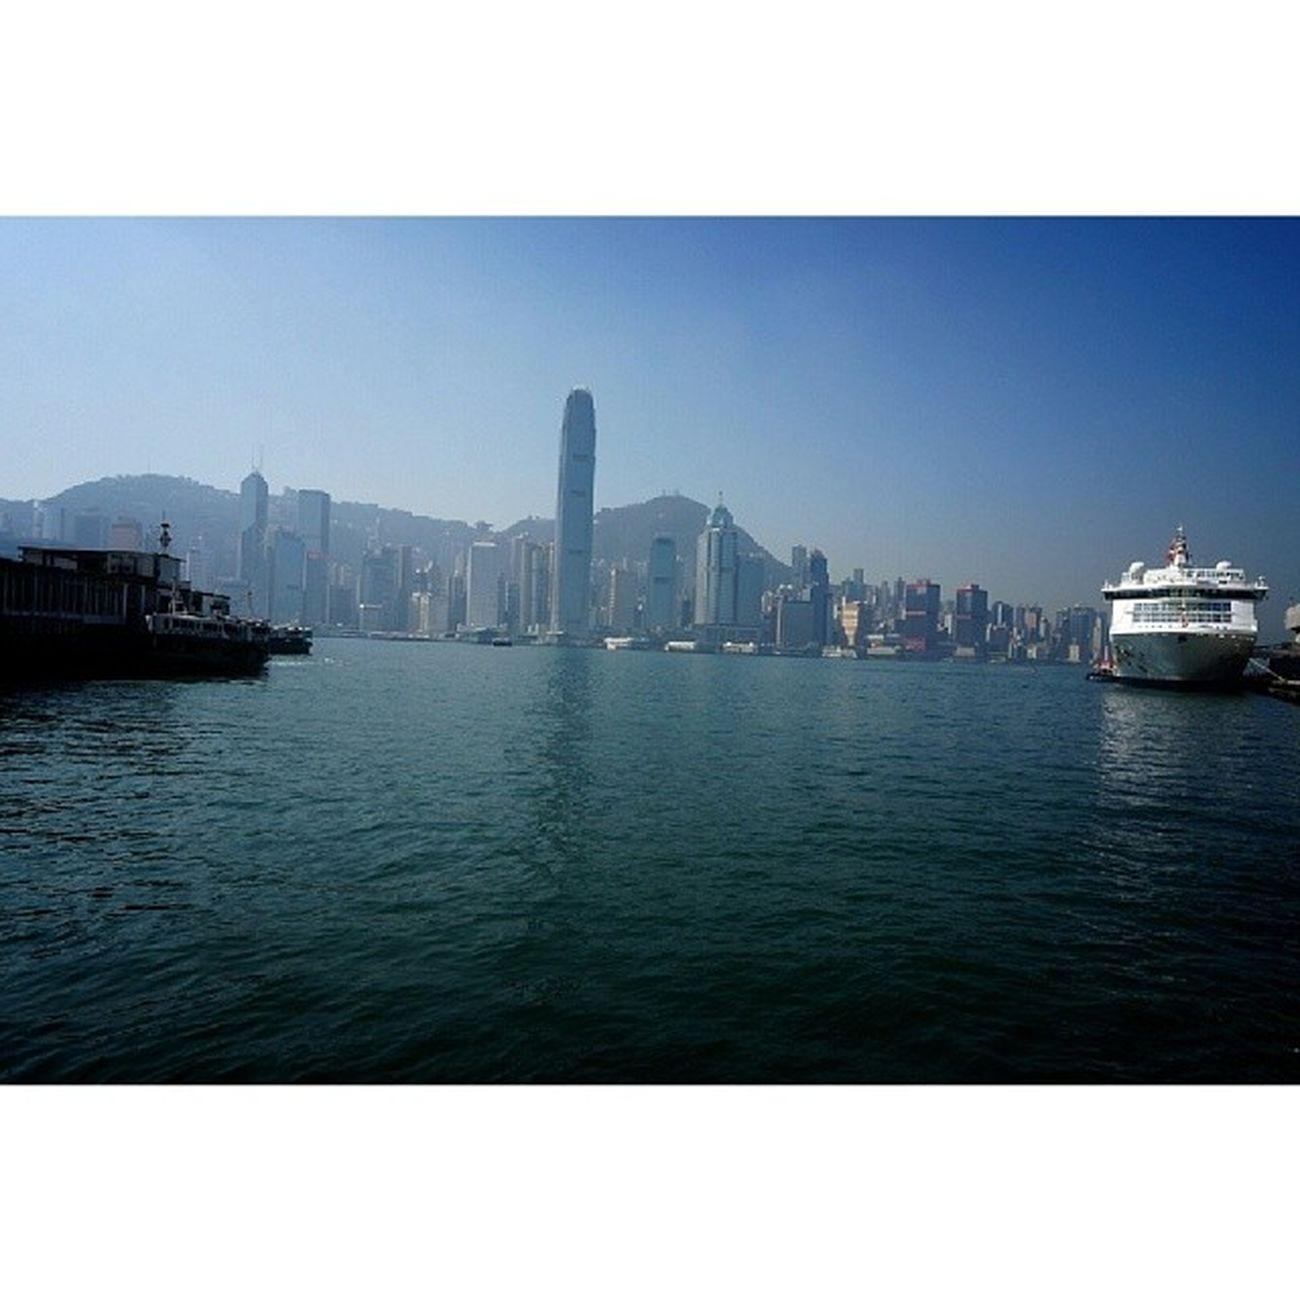 中港客运码头